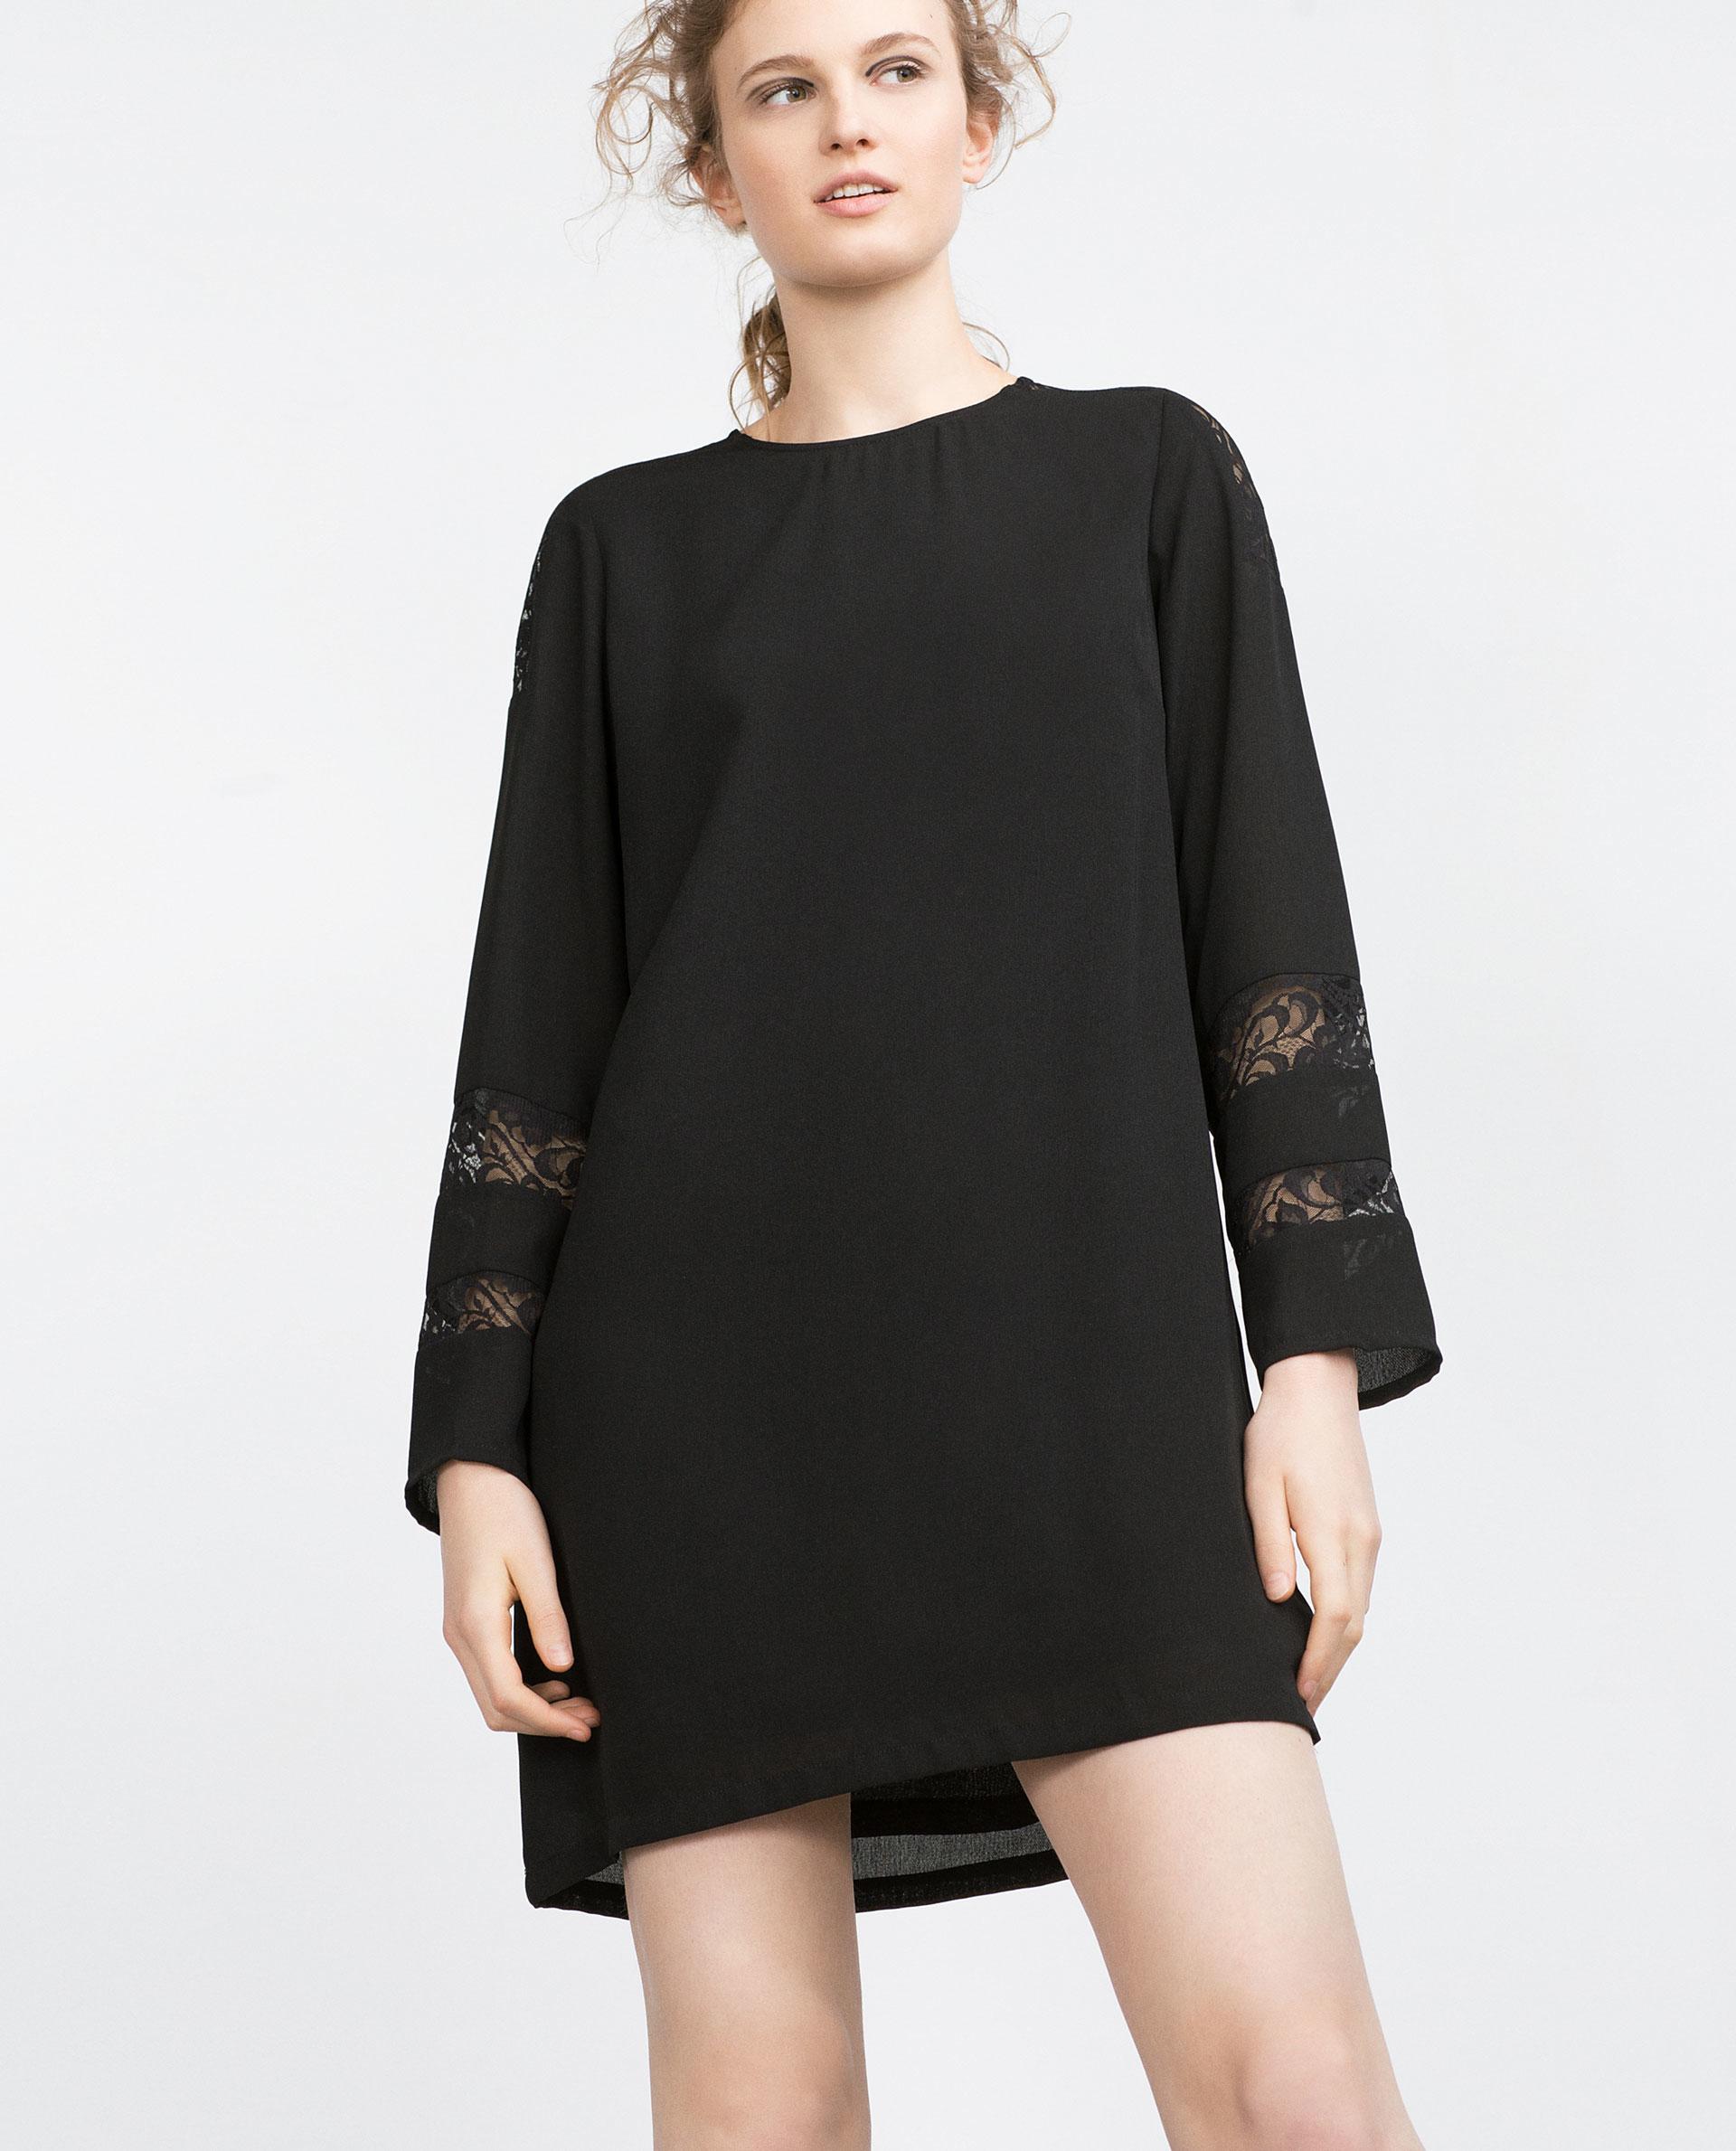 Black straight cut dress